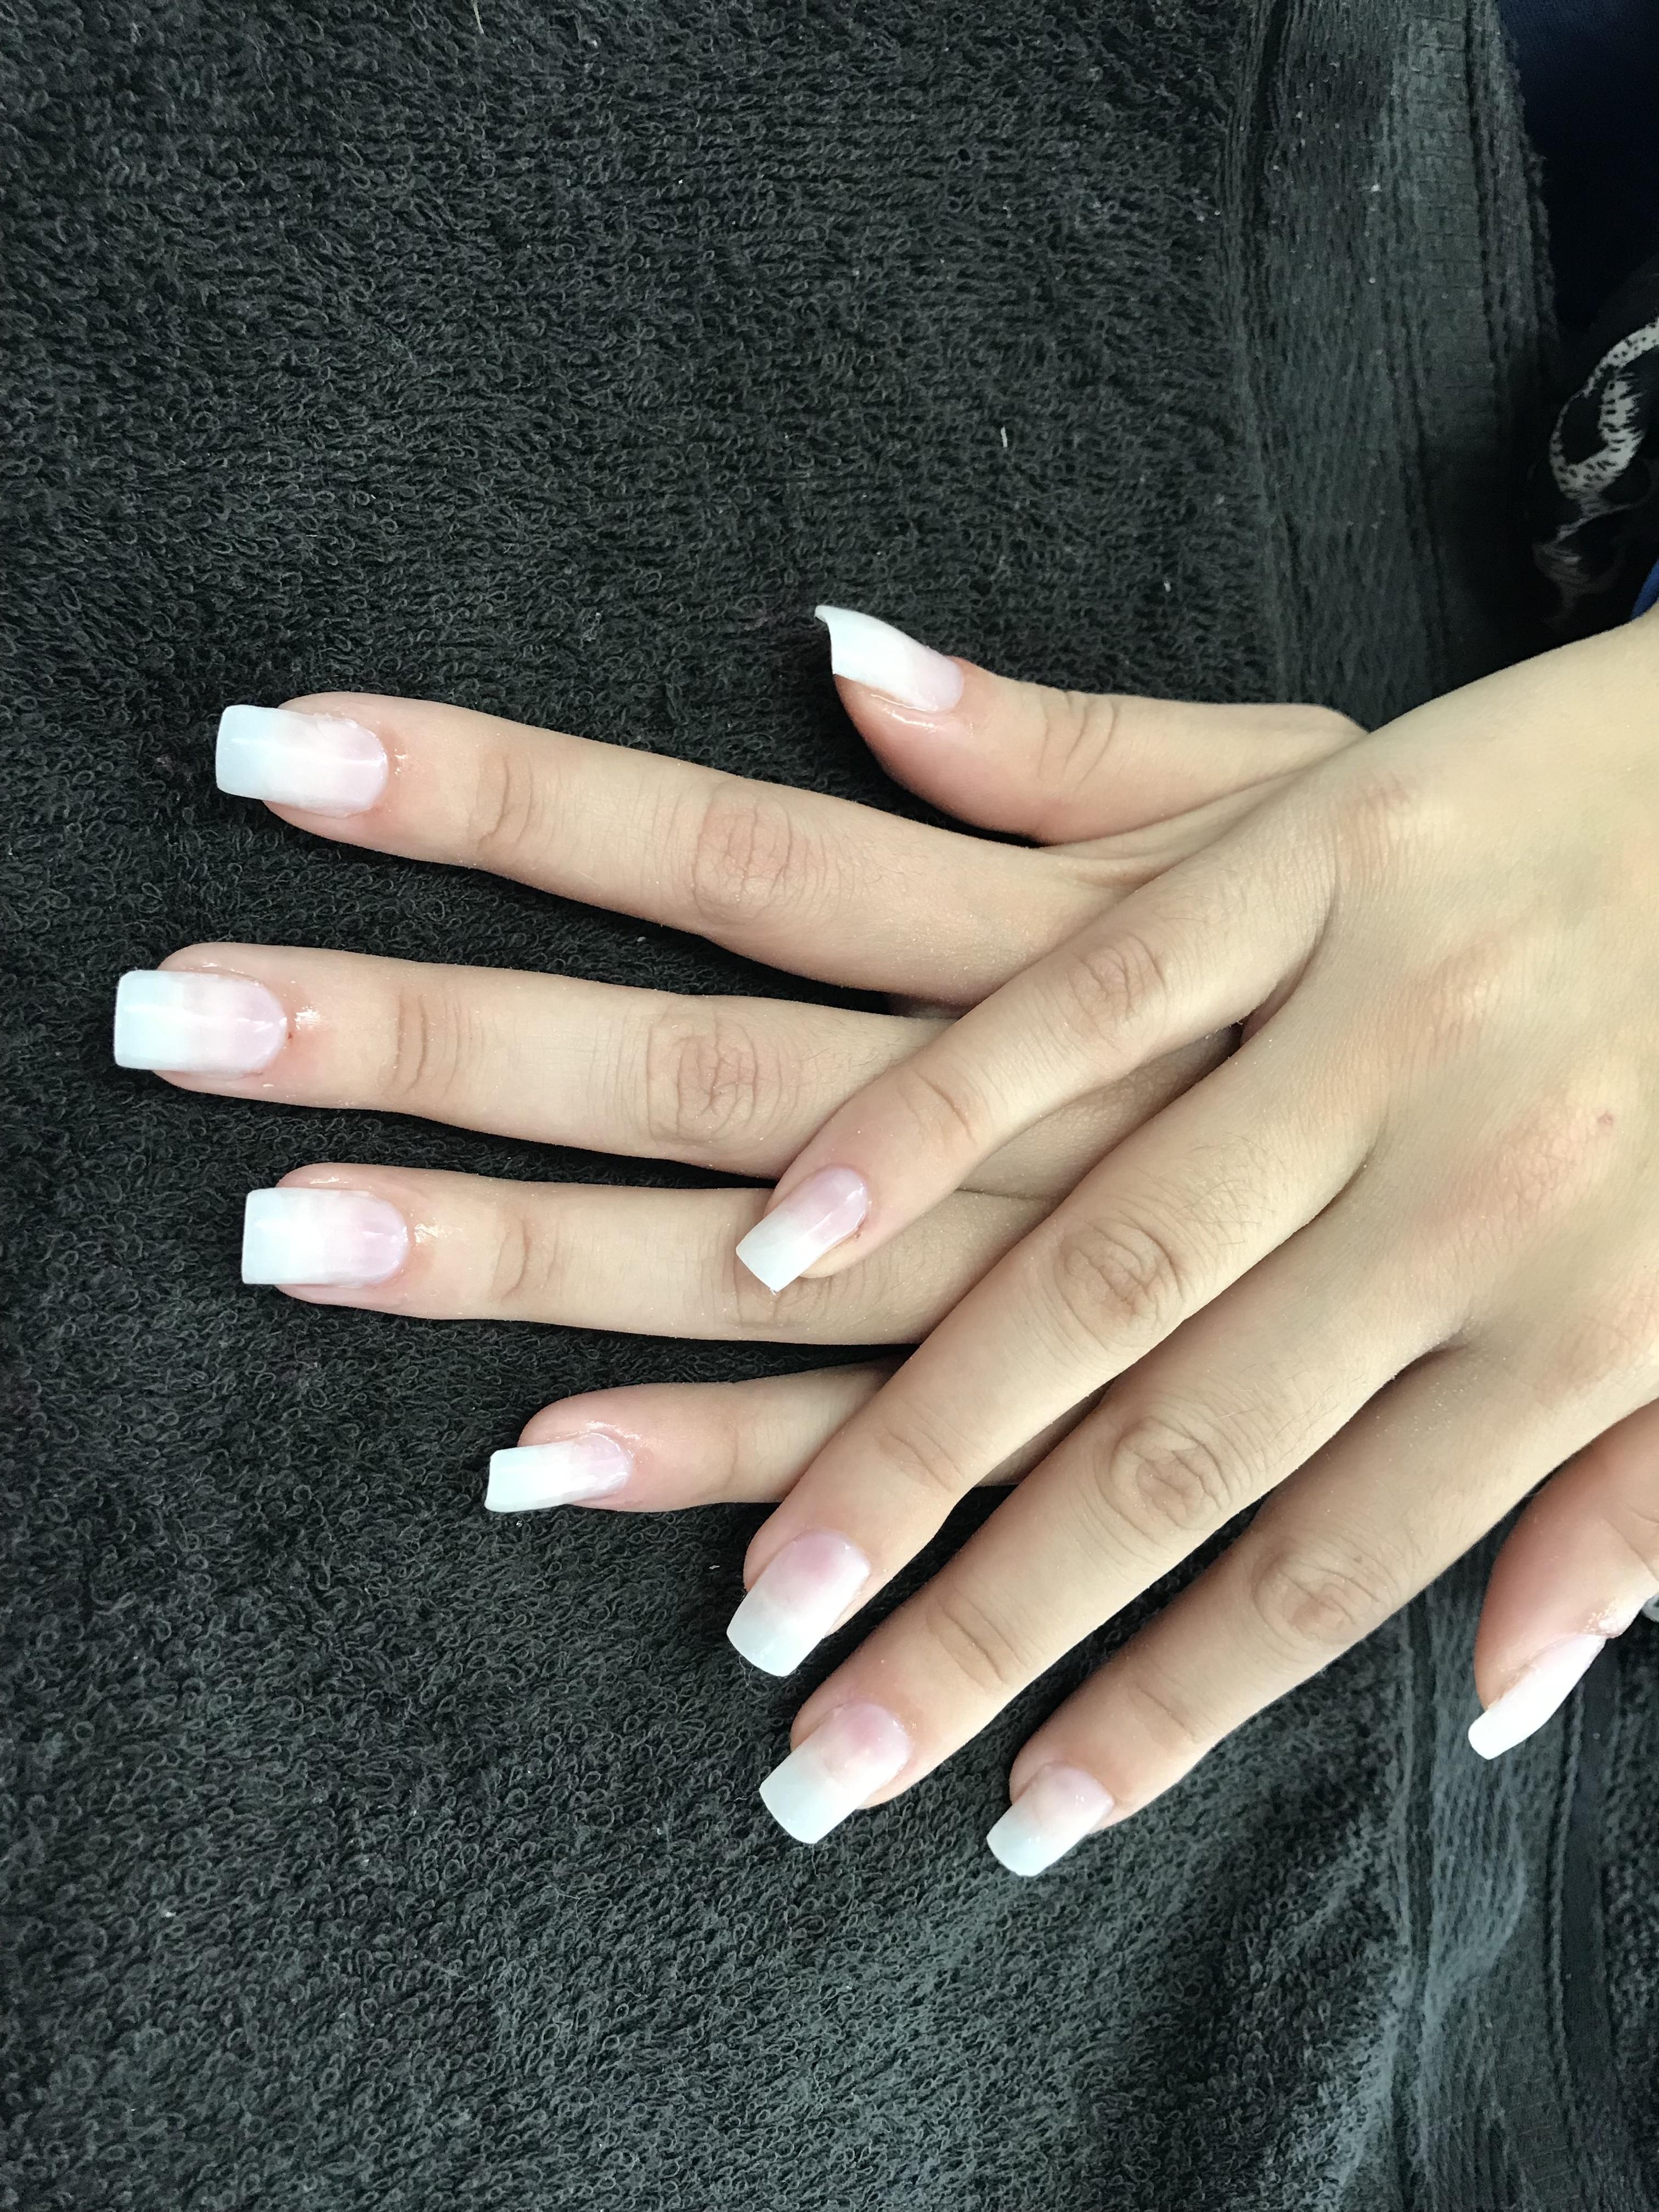 Unha em gel unha recepcionista manicure e pedicure designer de sobrancelhas